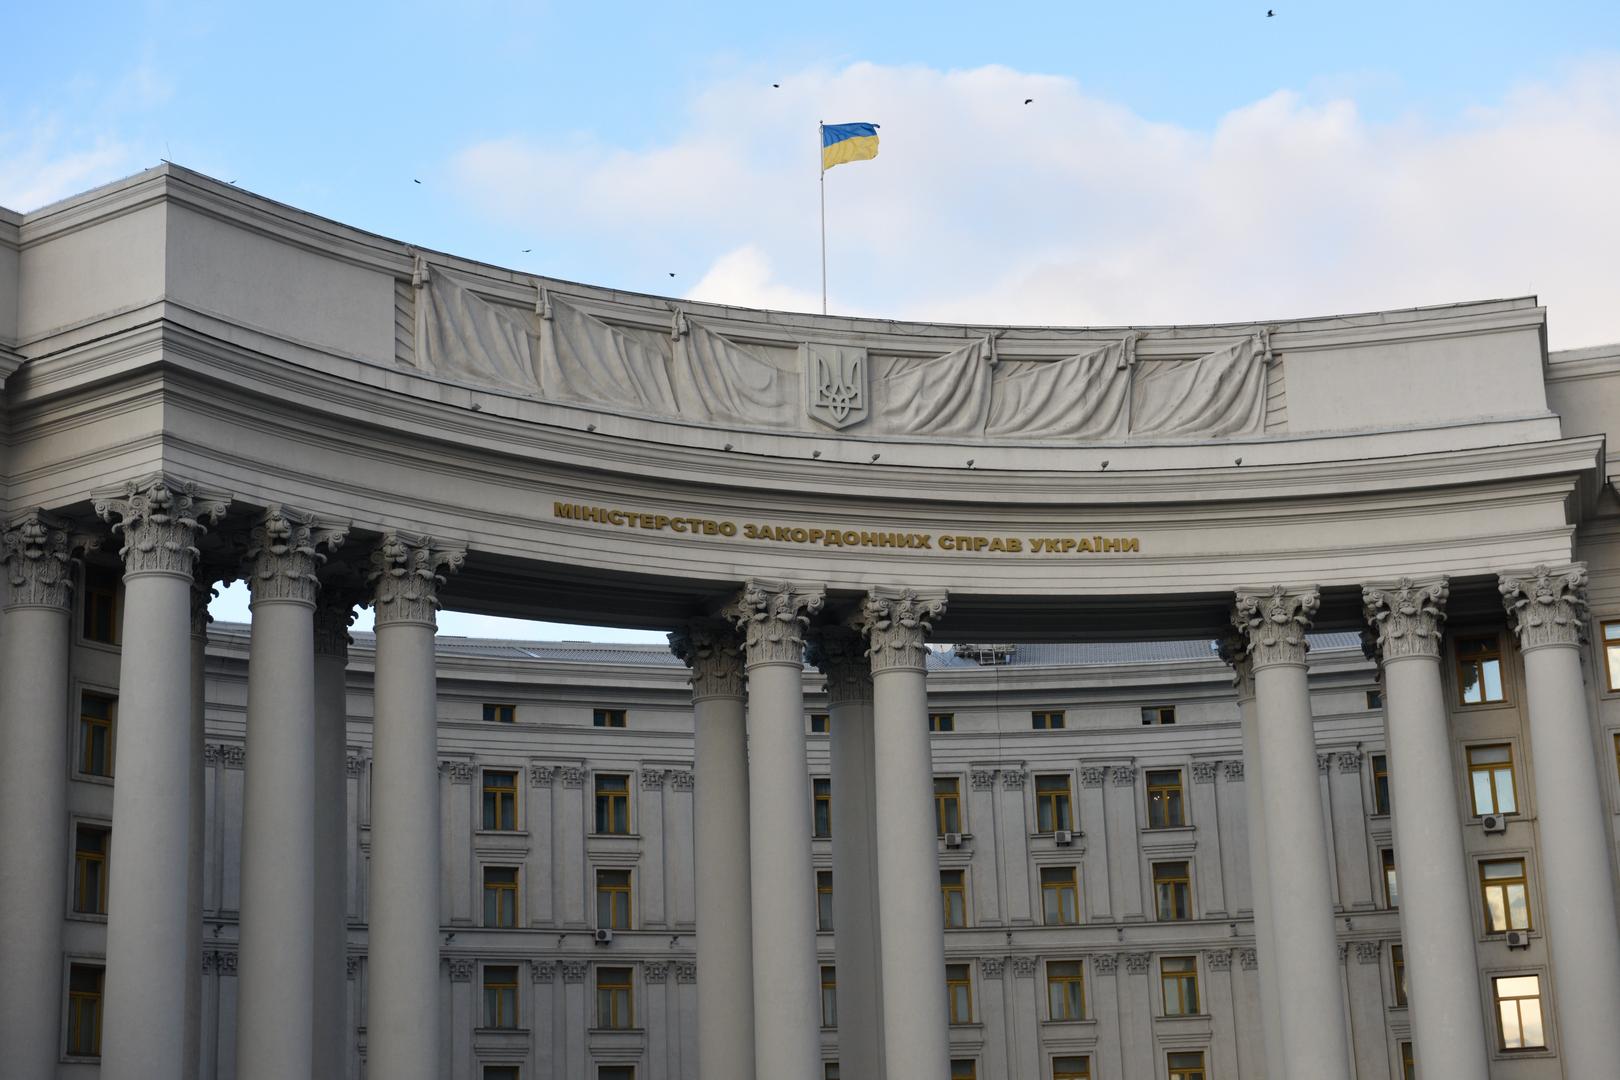 أوكرانيا ترفض اتهامات لوكاشينكو لها بتهريب الأسلحة إلى بيلاروس